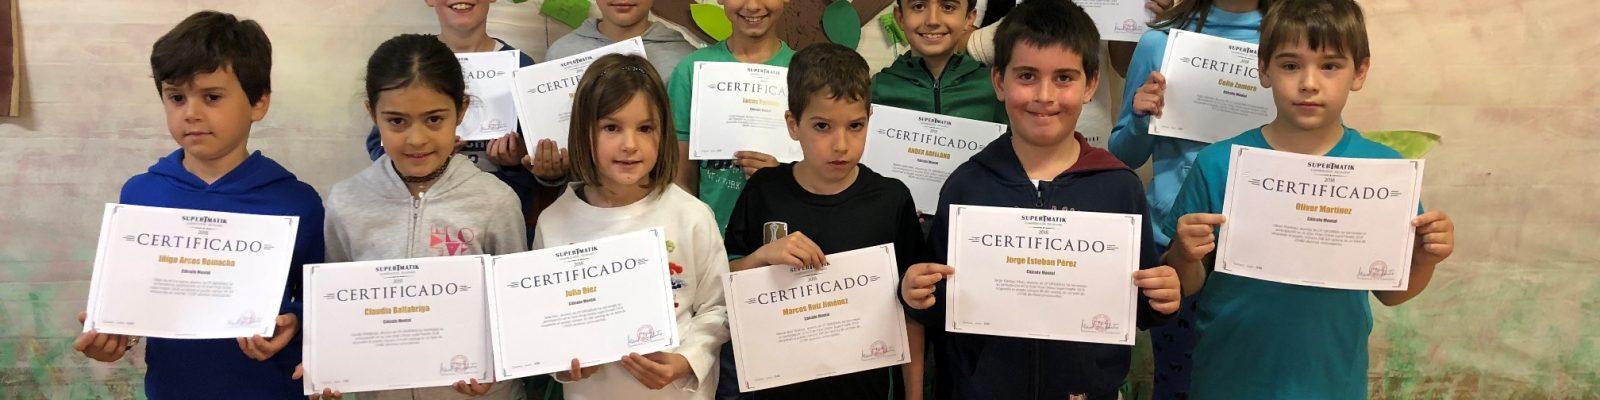 Concurso internacional de cálculo mental SUPERTMATIK